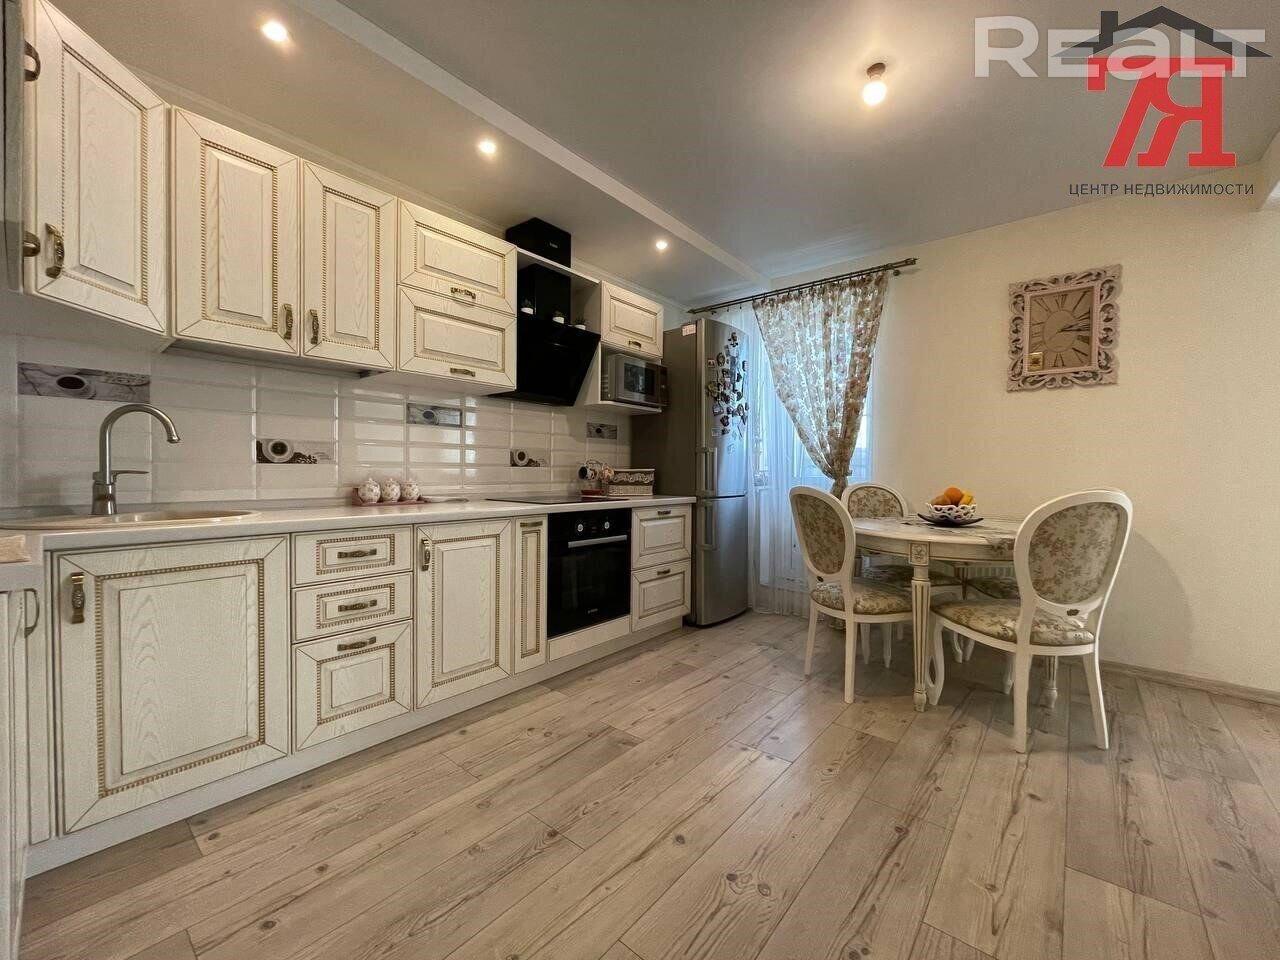 Продается 1-ком квартира с отличным ремонтом, оборудованная мебелью и техникой